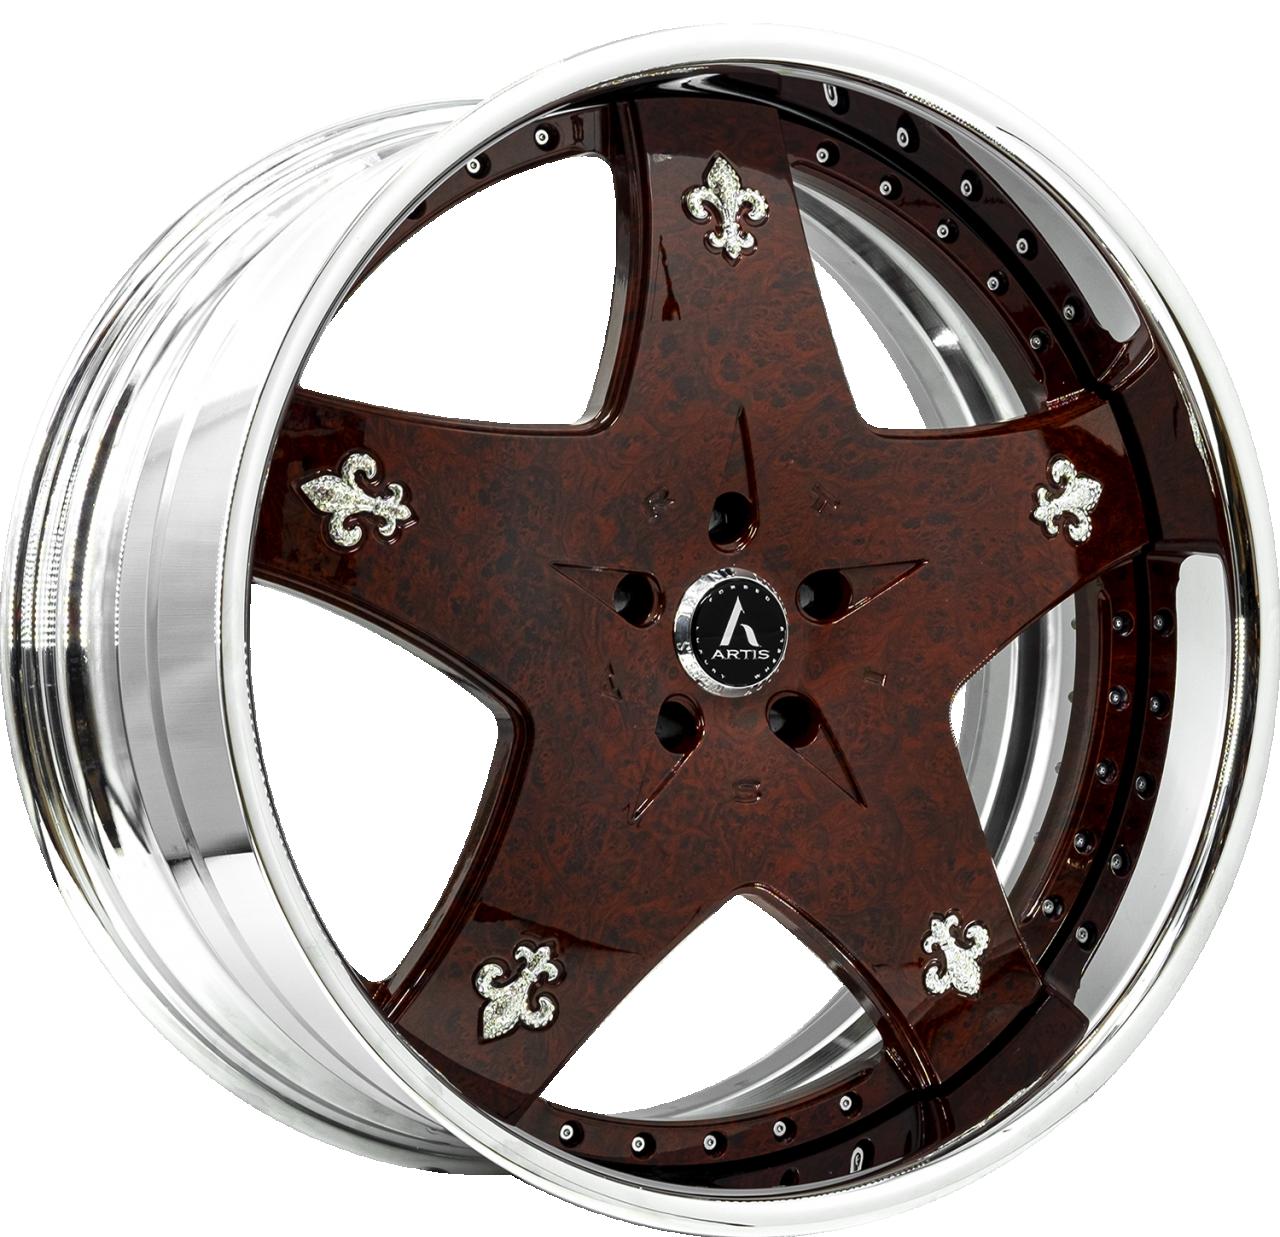 Artis Forged Cashville wheel with Burlwood finish